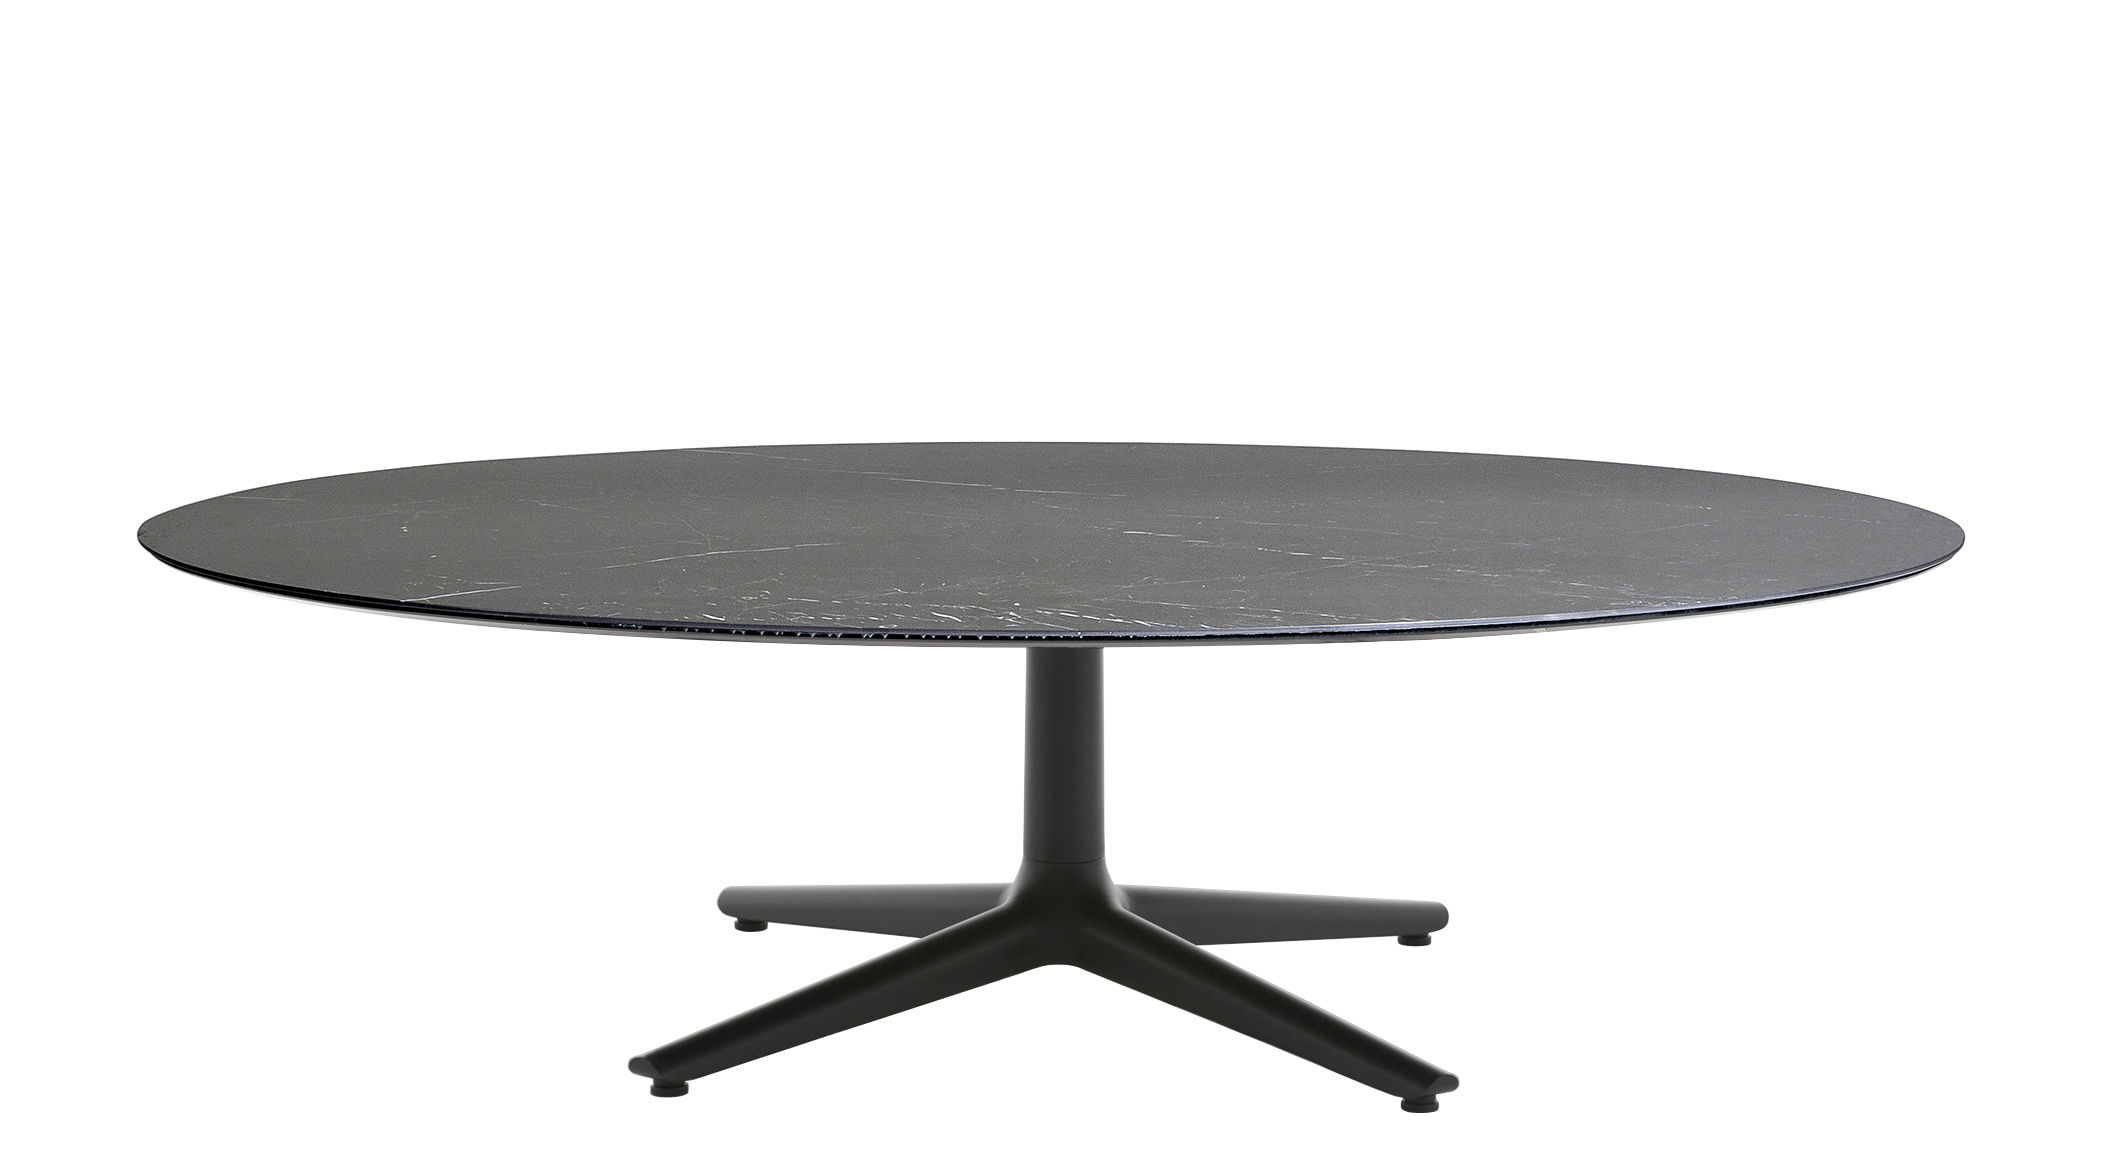 table basse multiplo indoor outdoor effet marbre 118 cm noir kartell. Black Bedroom Furniture Sets. Home Design Ideas